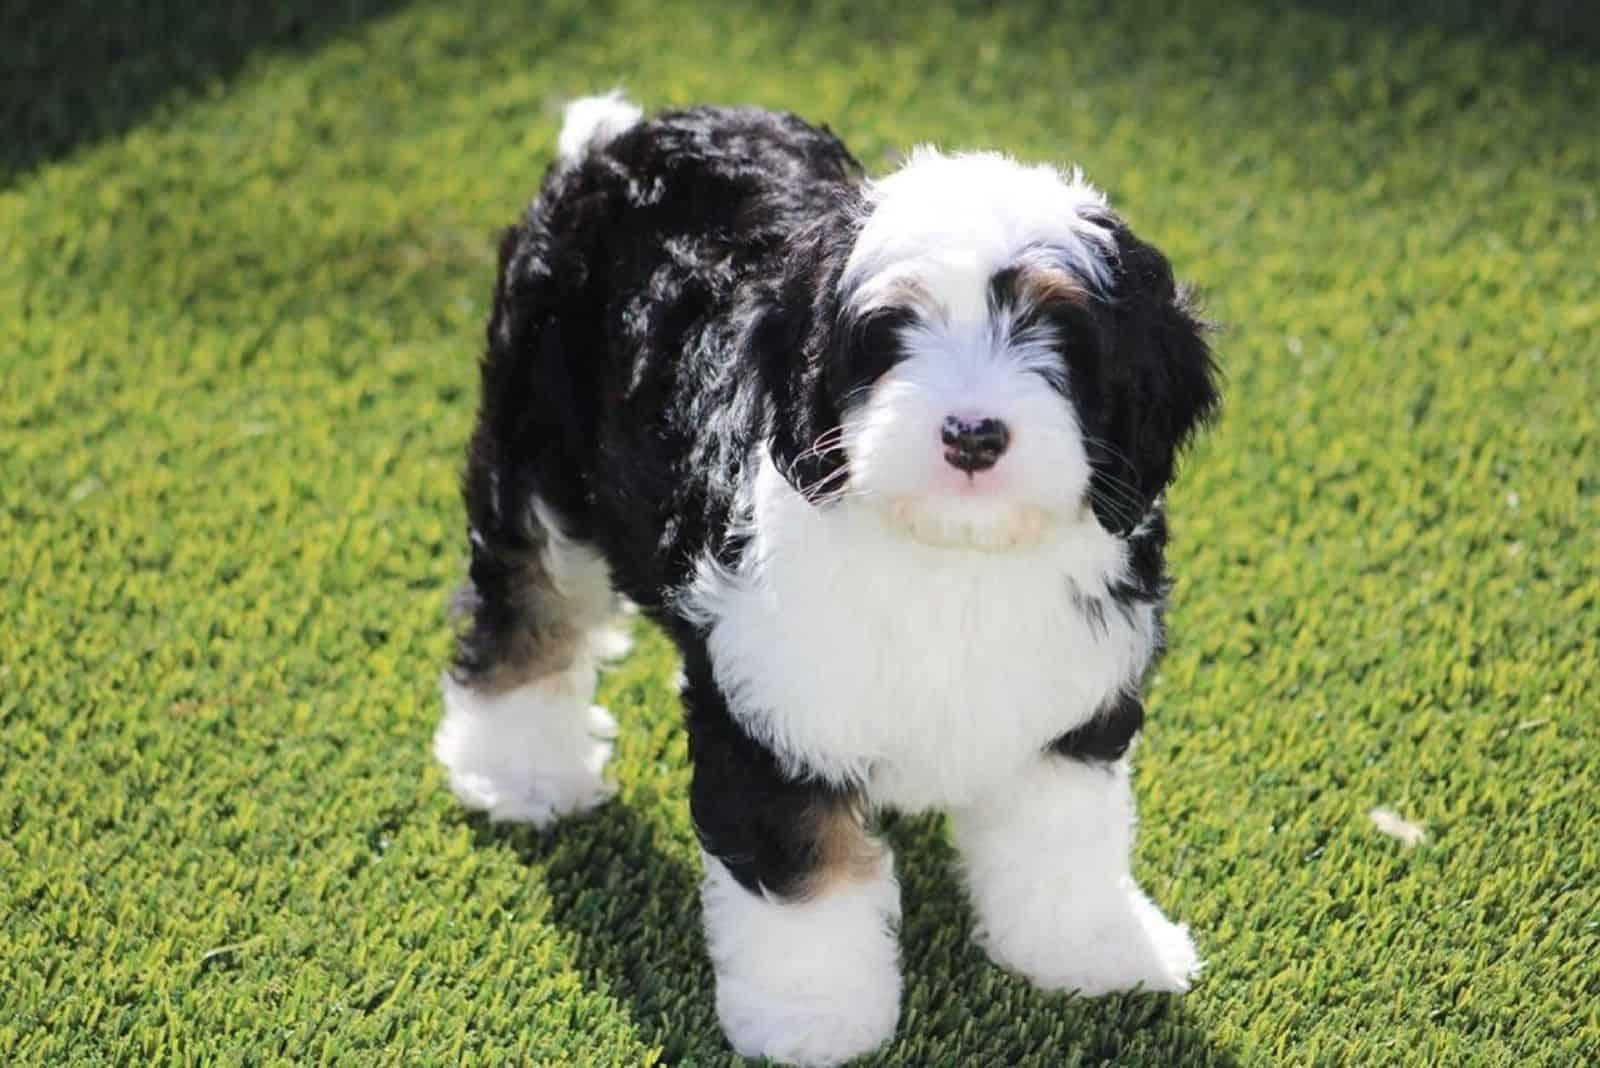 Auf dem Rasen steht ein schwarz-weißer Mini Aussiedoodle